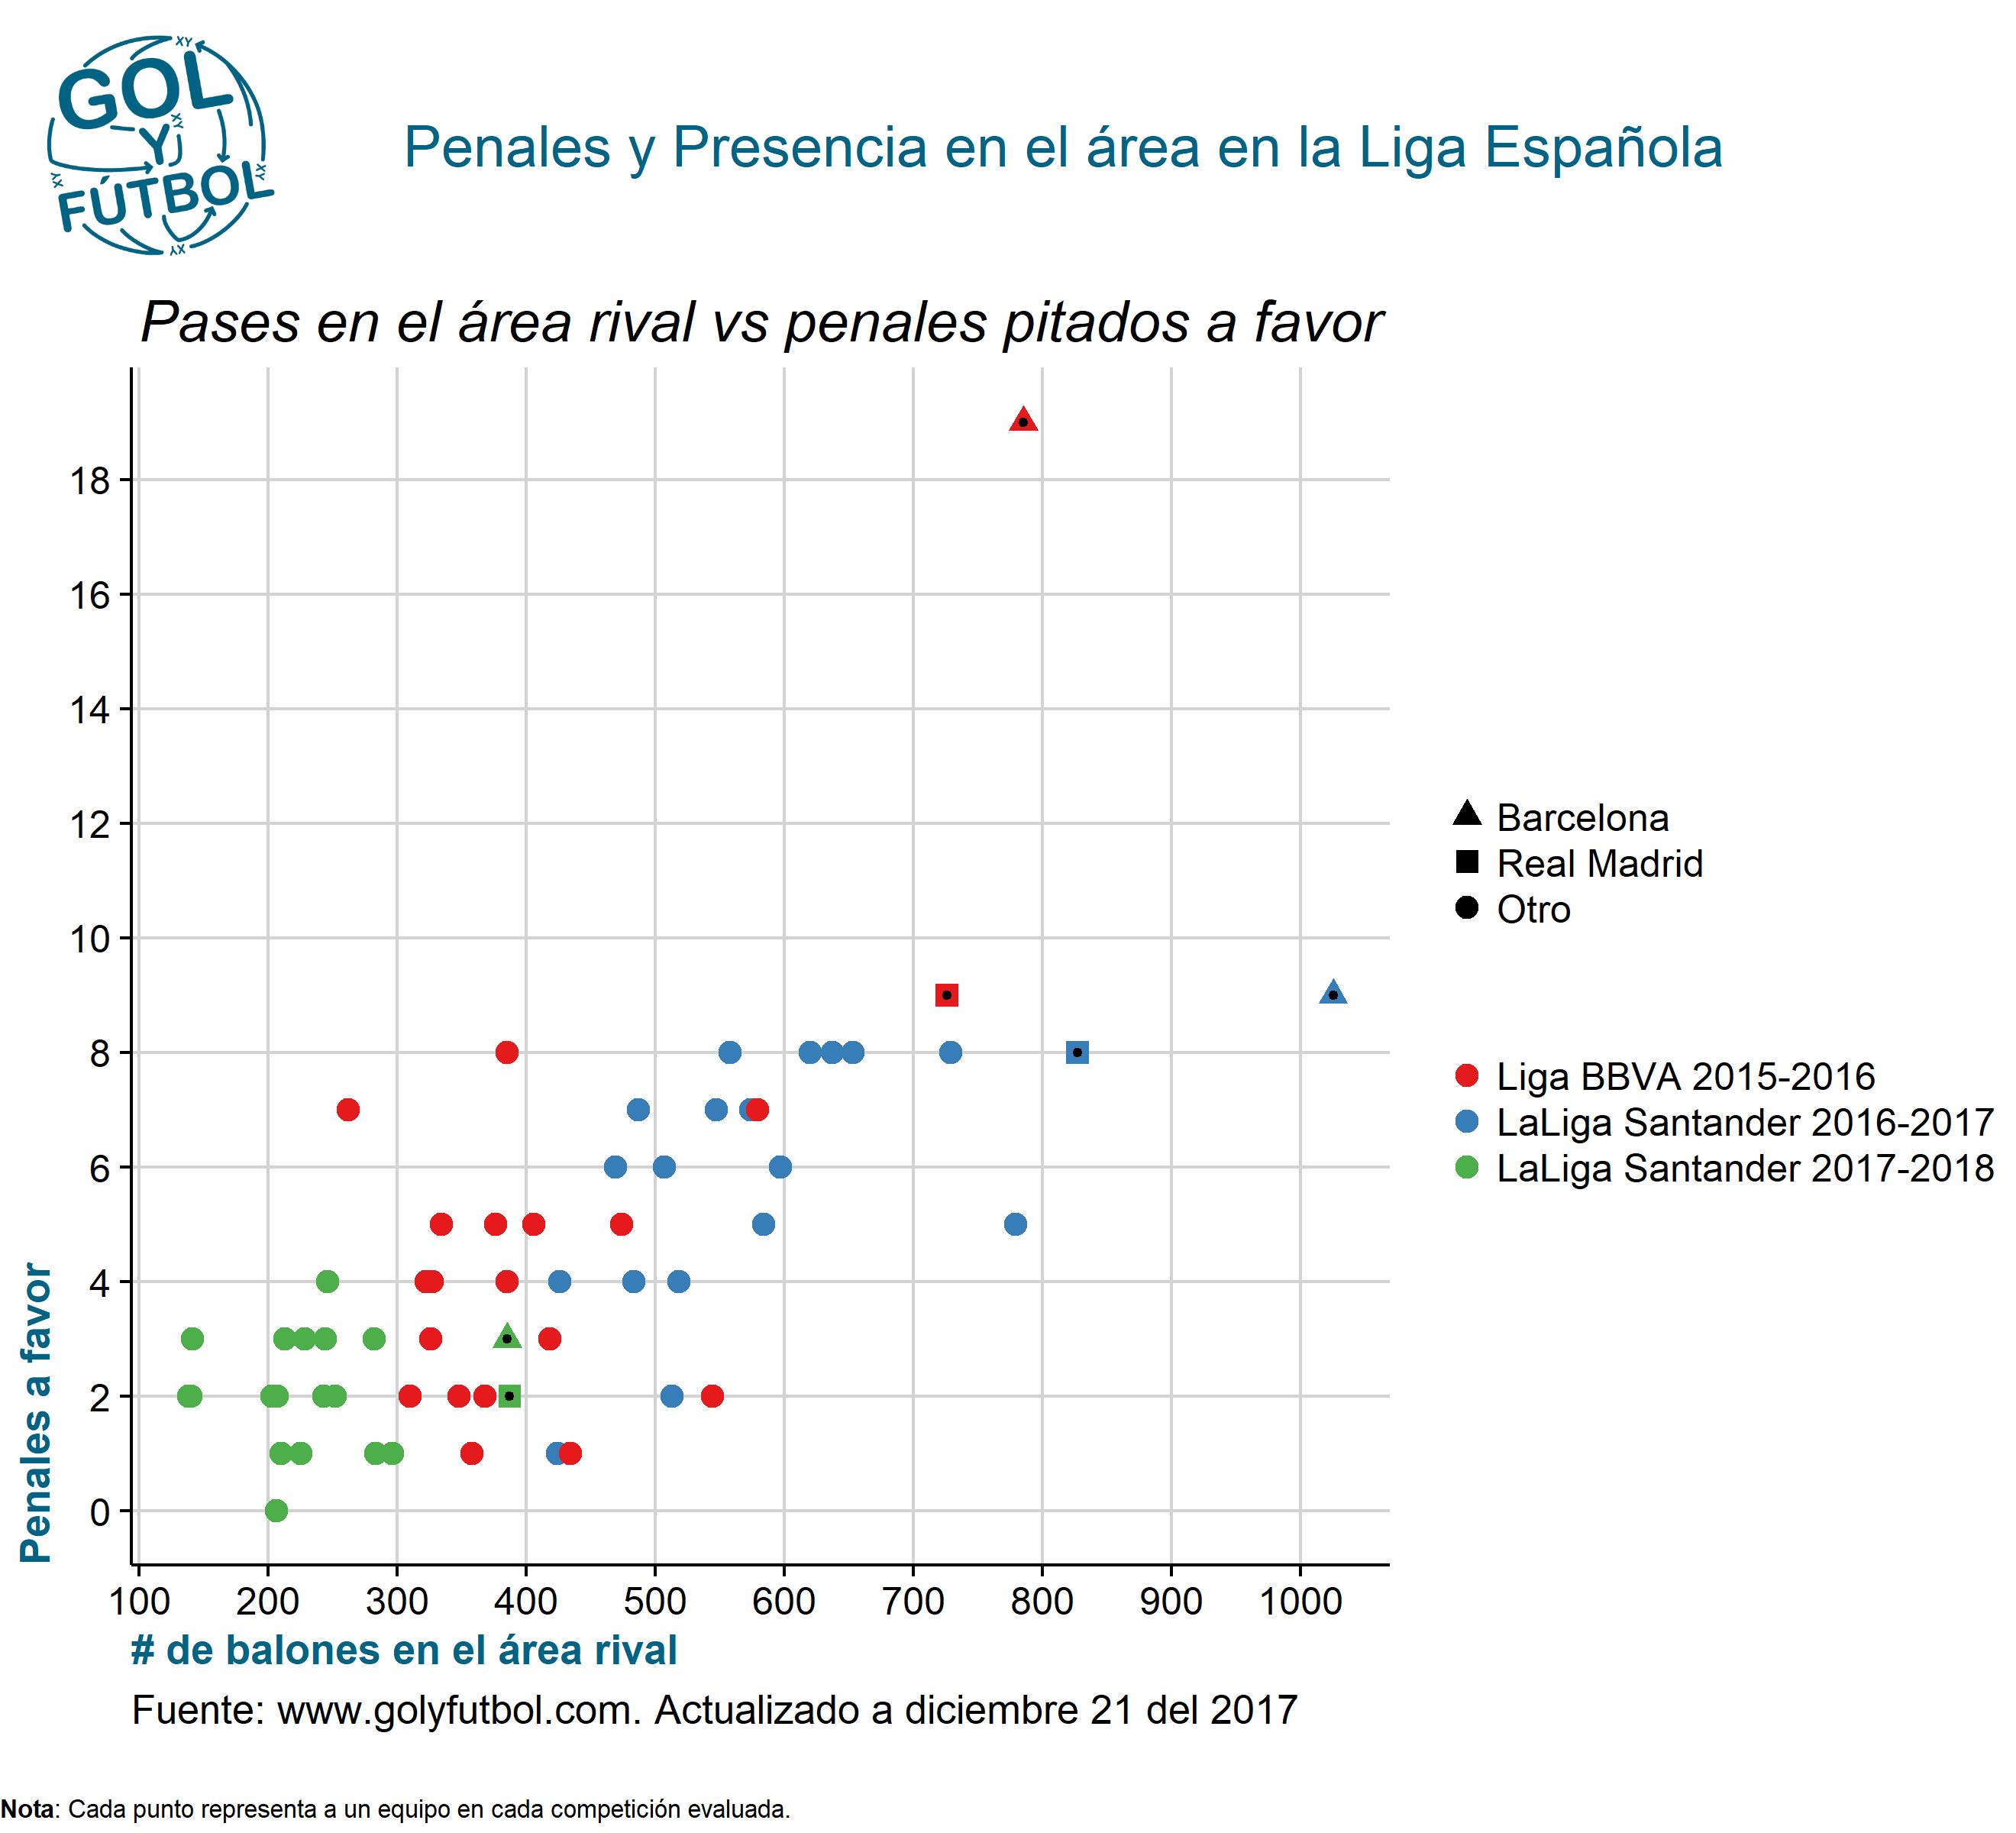 Penales y Presencia en el área en la Liga Española